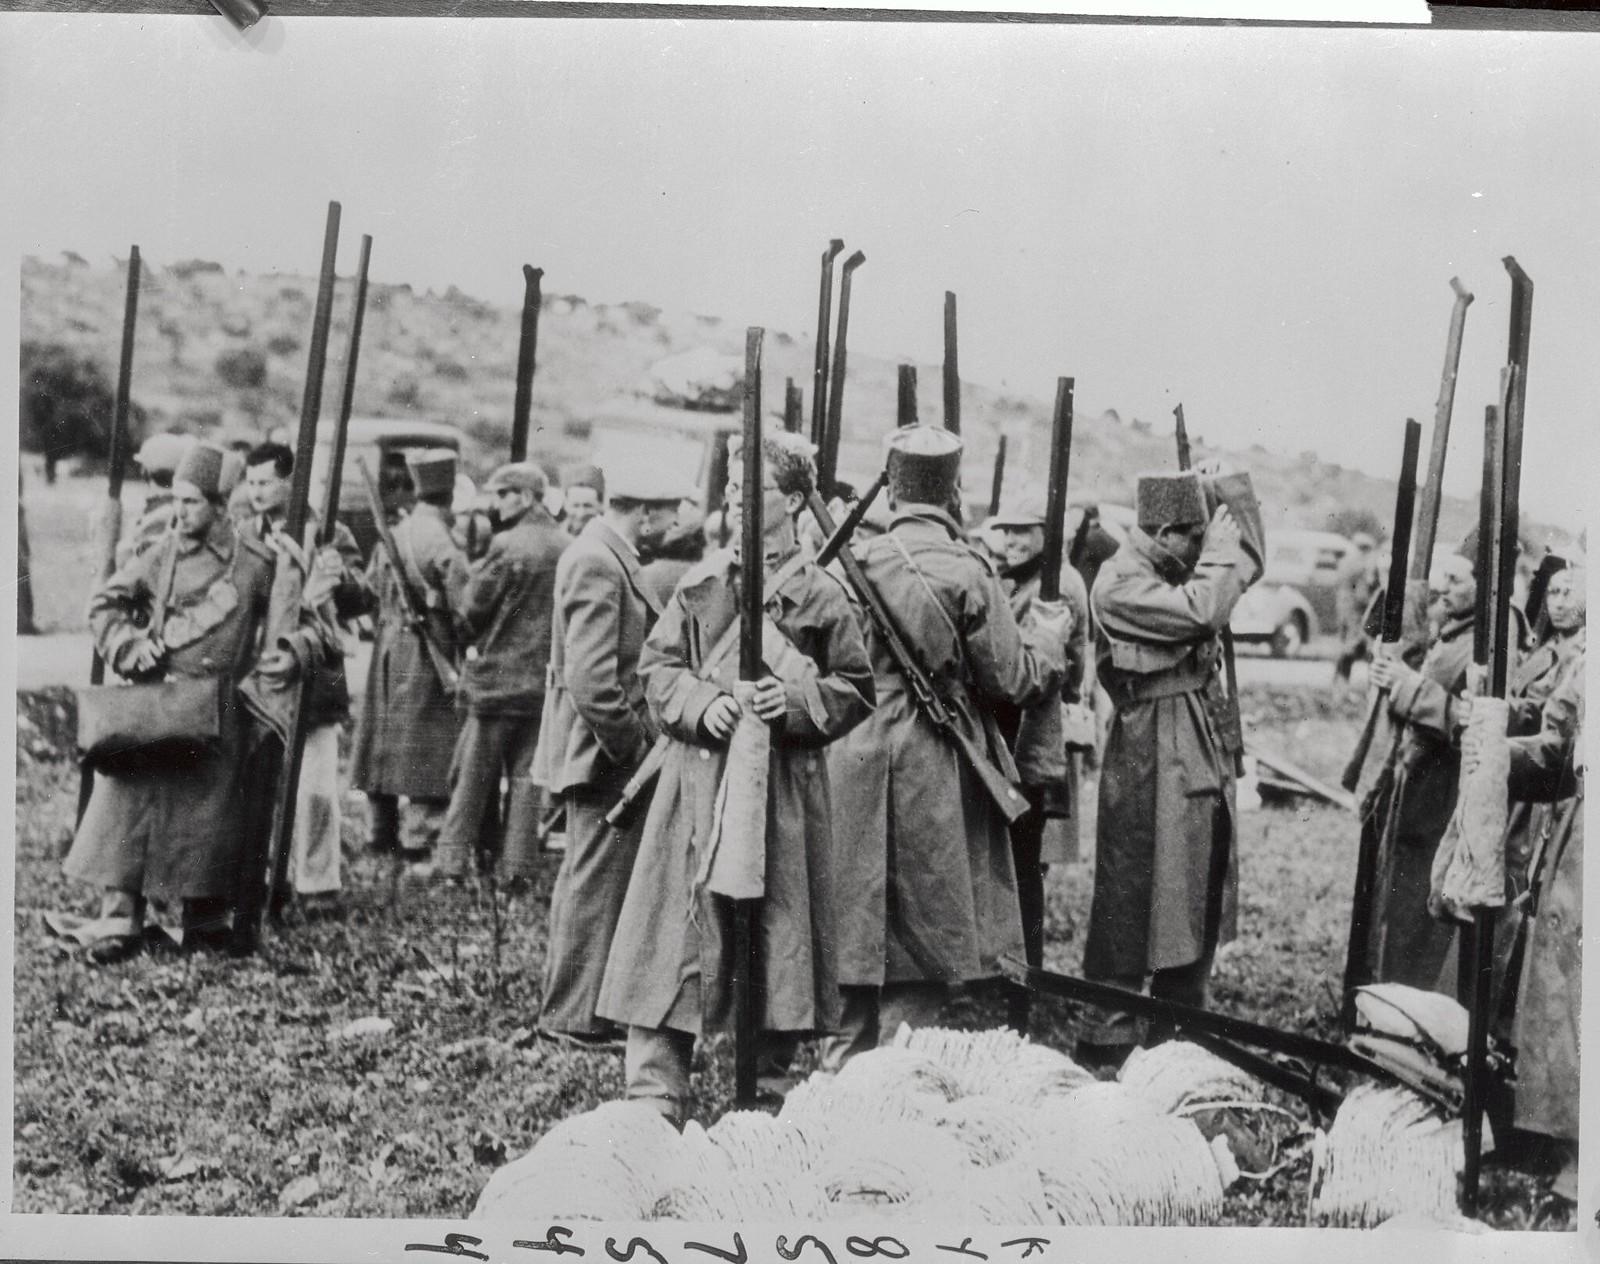 18. 1938. Члены корпуса защиты еврейских поселенцев с колючей проволокой и железными столбами забора отправляются на возведение заграждений, которые должны защитить свои дома от мародерствующих арабских банд 12 октября